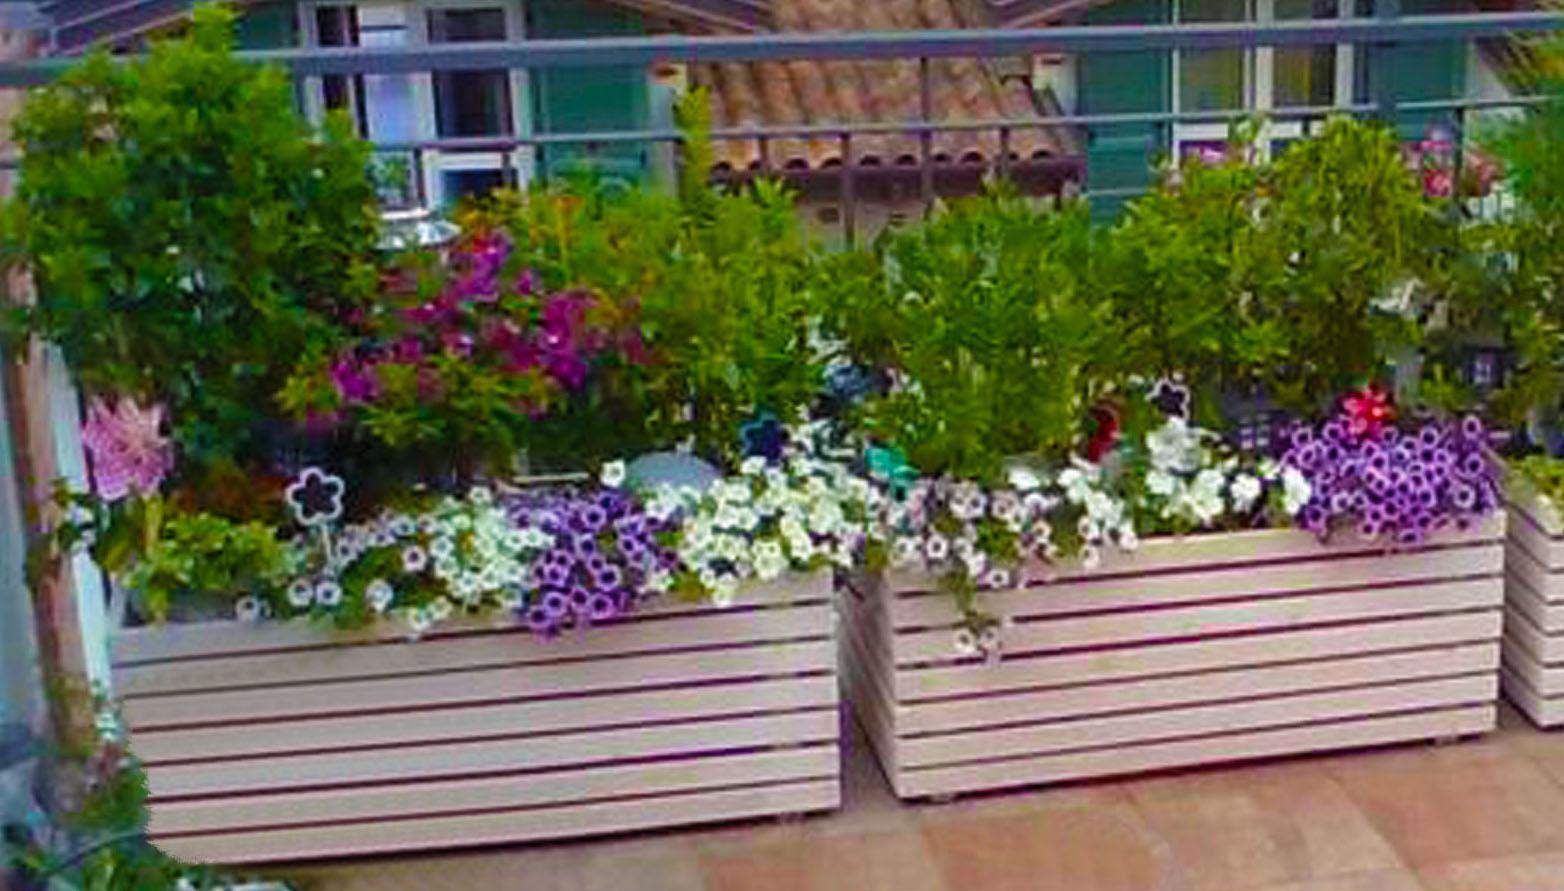 Conosciuto Progettare spazi verdi: Come costruire fioriera con i pallet VZ97